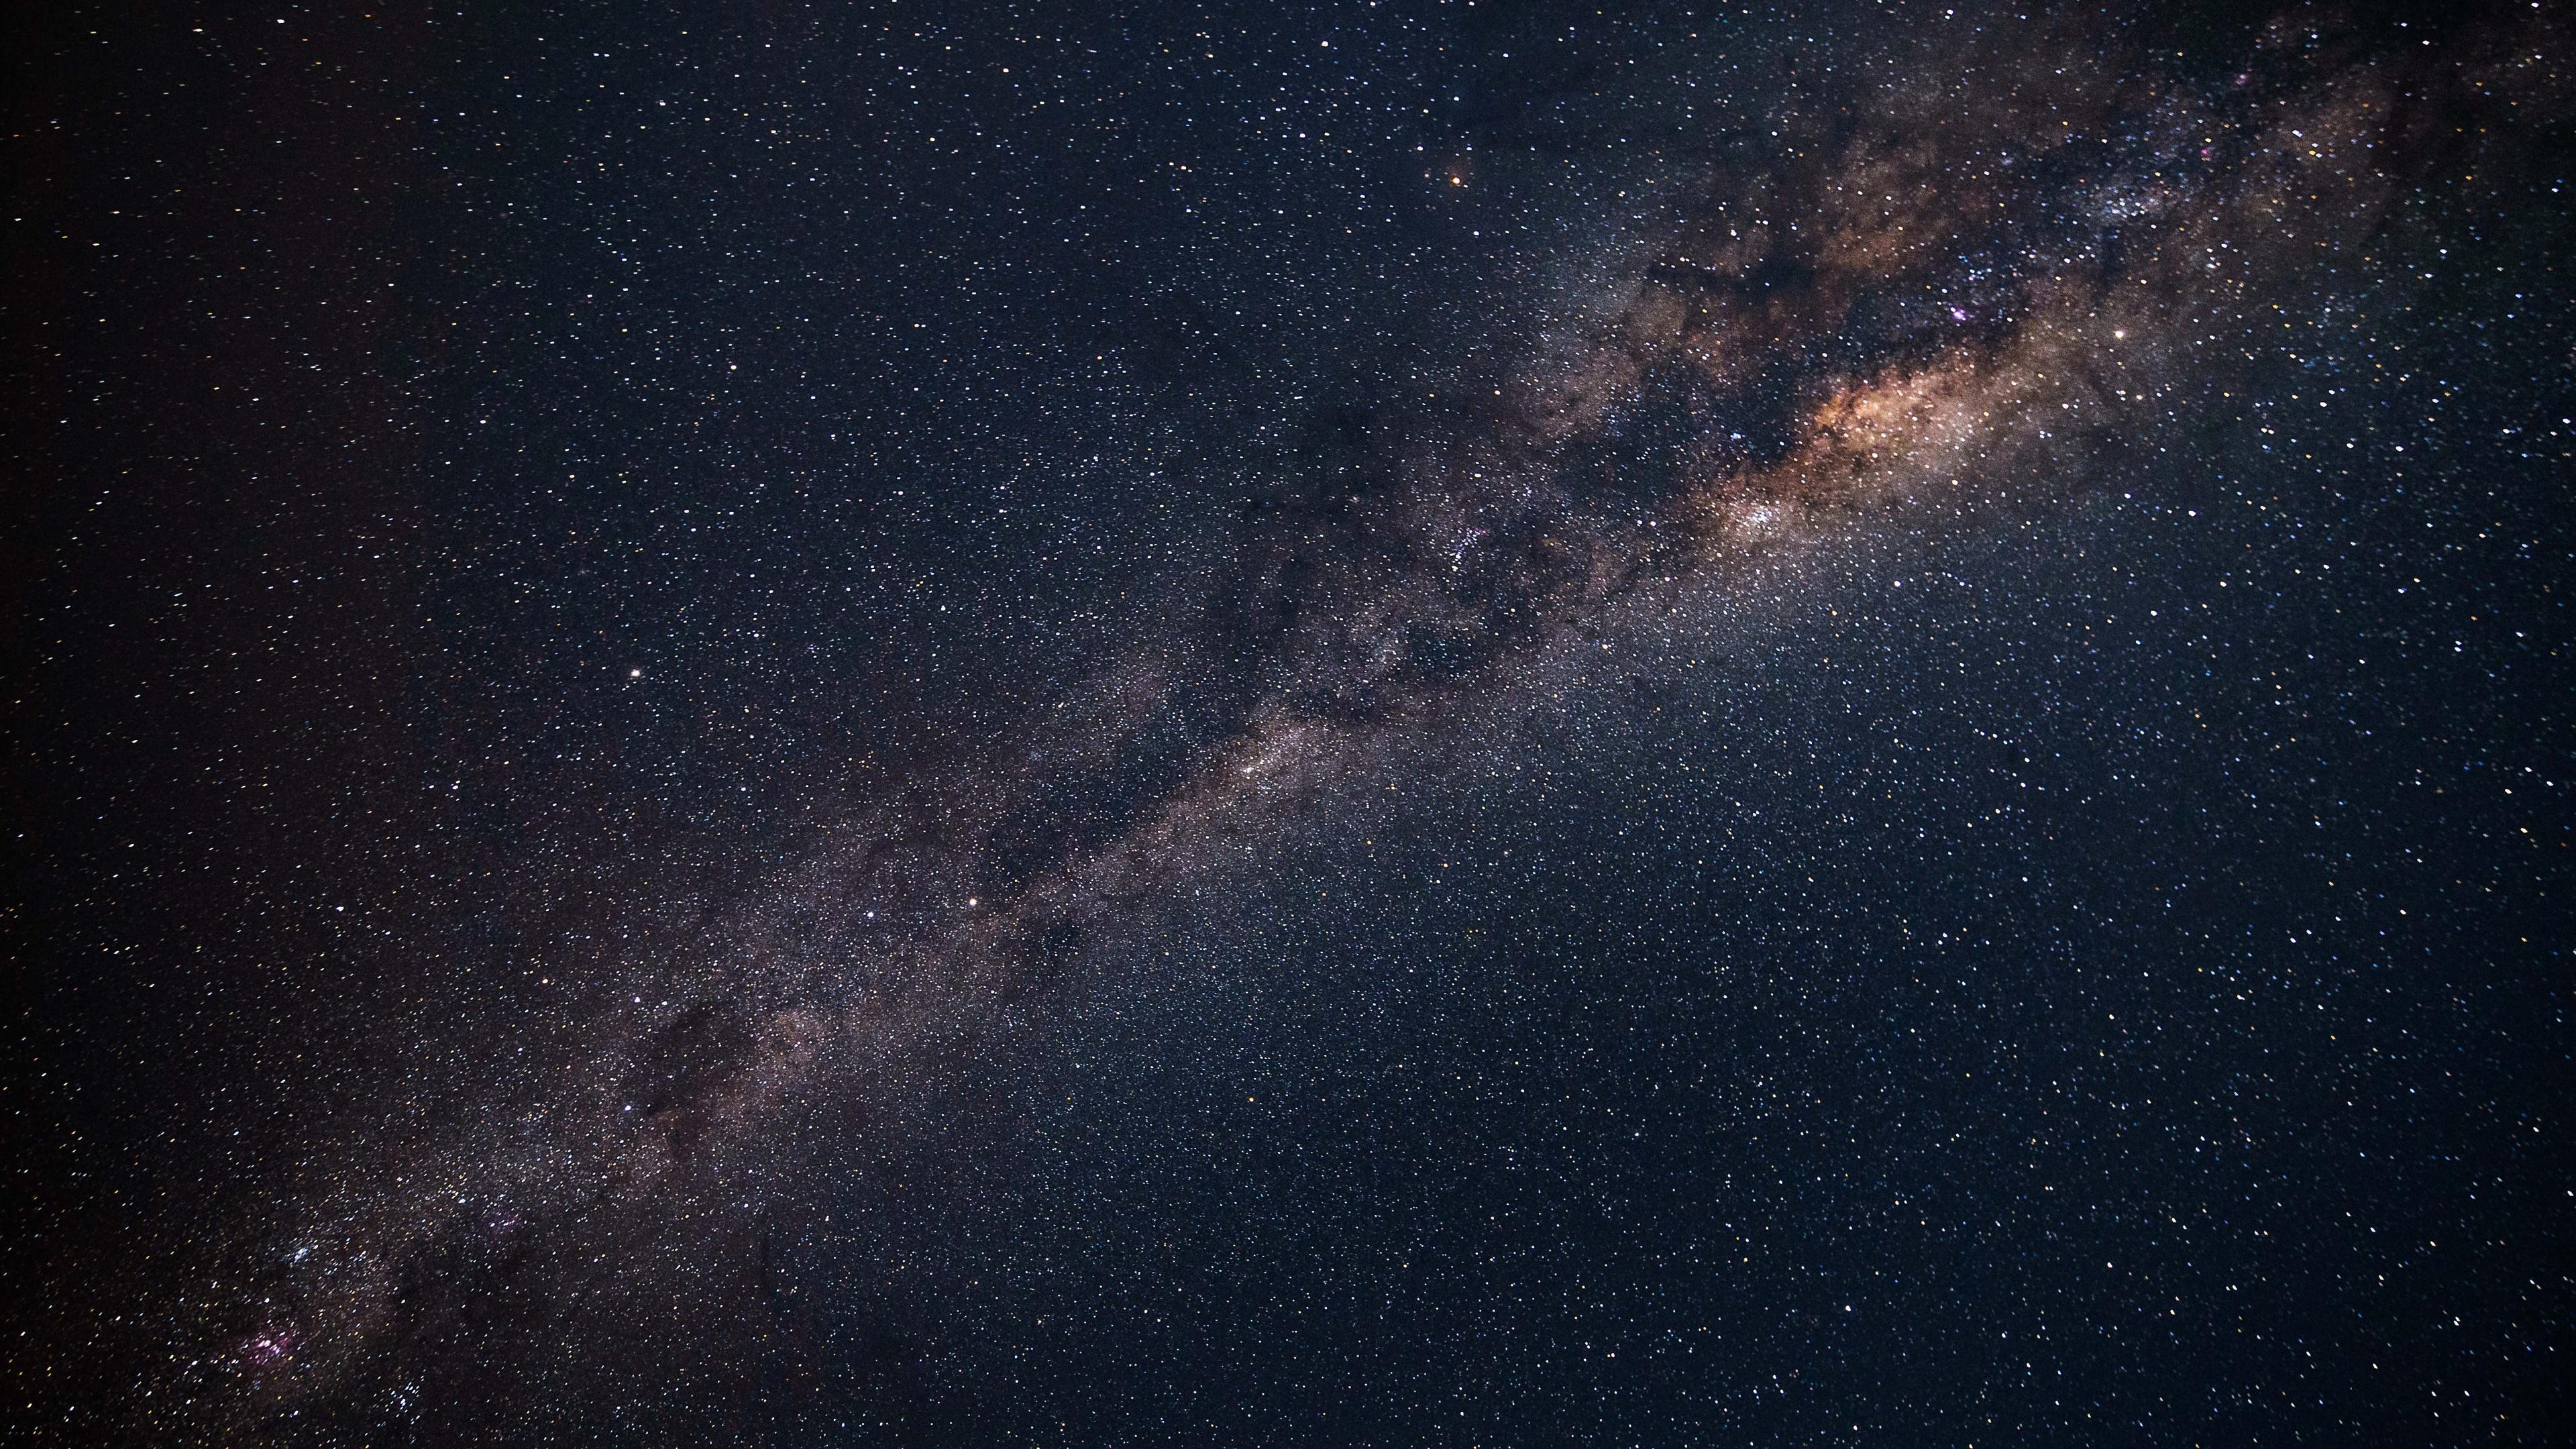 beautiful colors nebula milky way 4k 1540142860 - Beautiful Colors Nebula Milky Way 4k - nebula wallpapers, nature wallpapers, milky way wallpapers, hd-wallpapers, 5k wallpapers, 4k-wallpapers